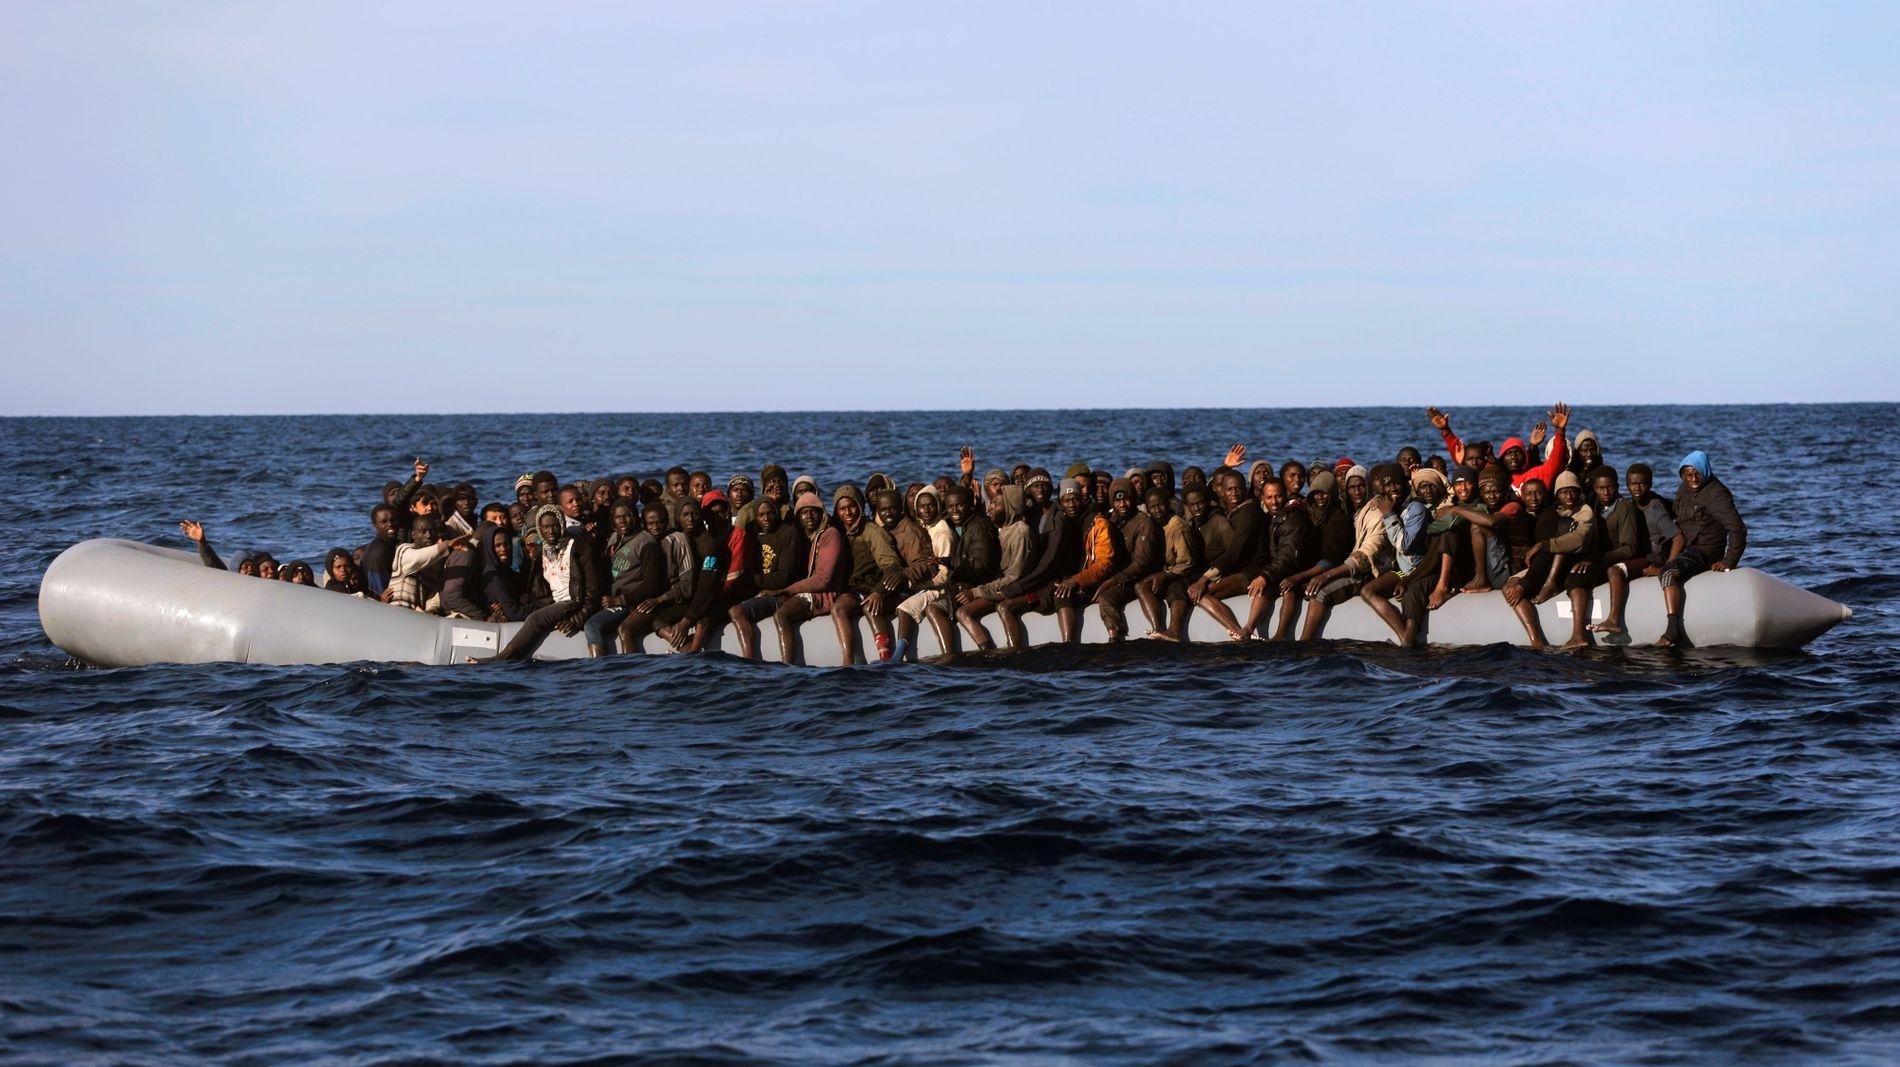 MANGE REDDES: Ferden fra Libya til Italias kyst er svært farlig, og mange mennesker dør hvert år som følge av drukning. Her blir migranter fra Sør-Sahara reddet av en hjelpeorganisasjon, 22 mil utenfor den libyiske kysten, i januar.